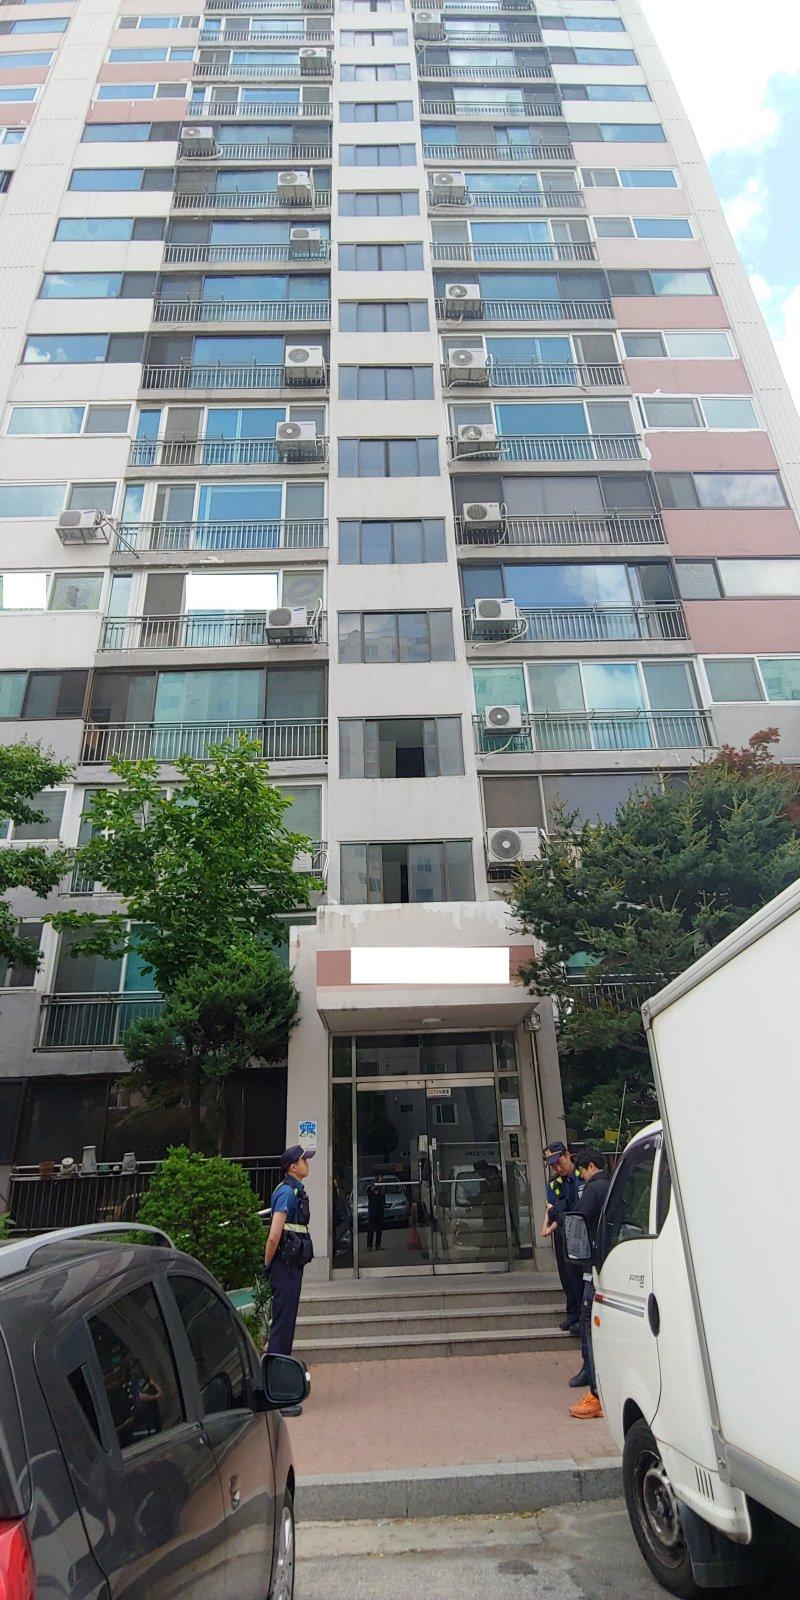 일가족 3명이 흉기에 찔려 숨진 아파트를 경찰이 출입통제하고 있다.